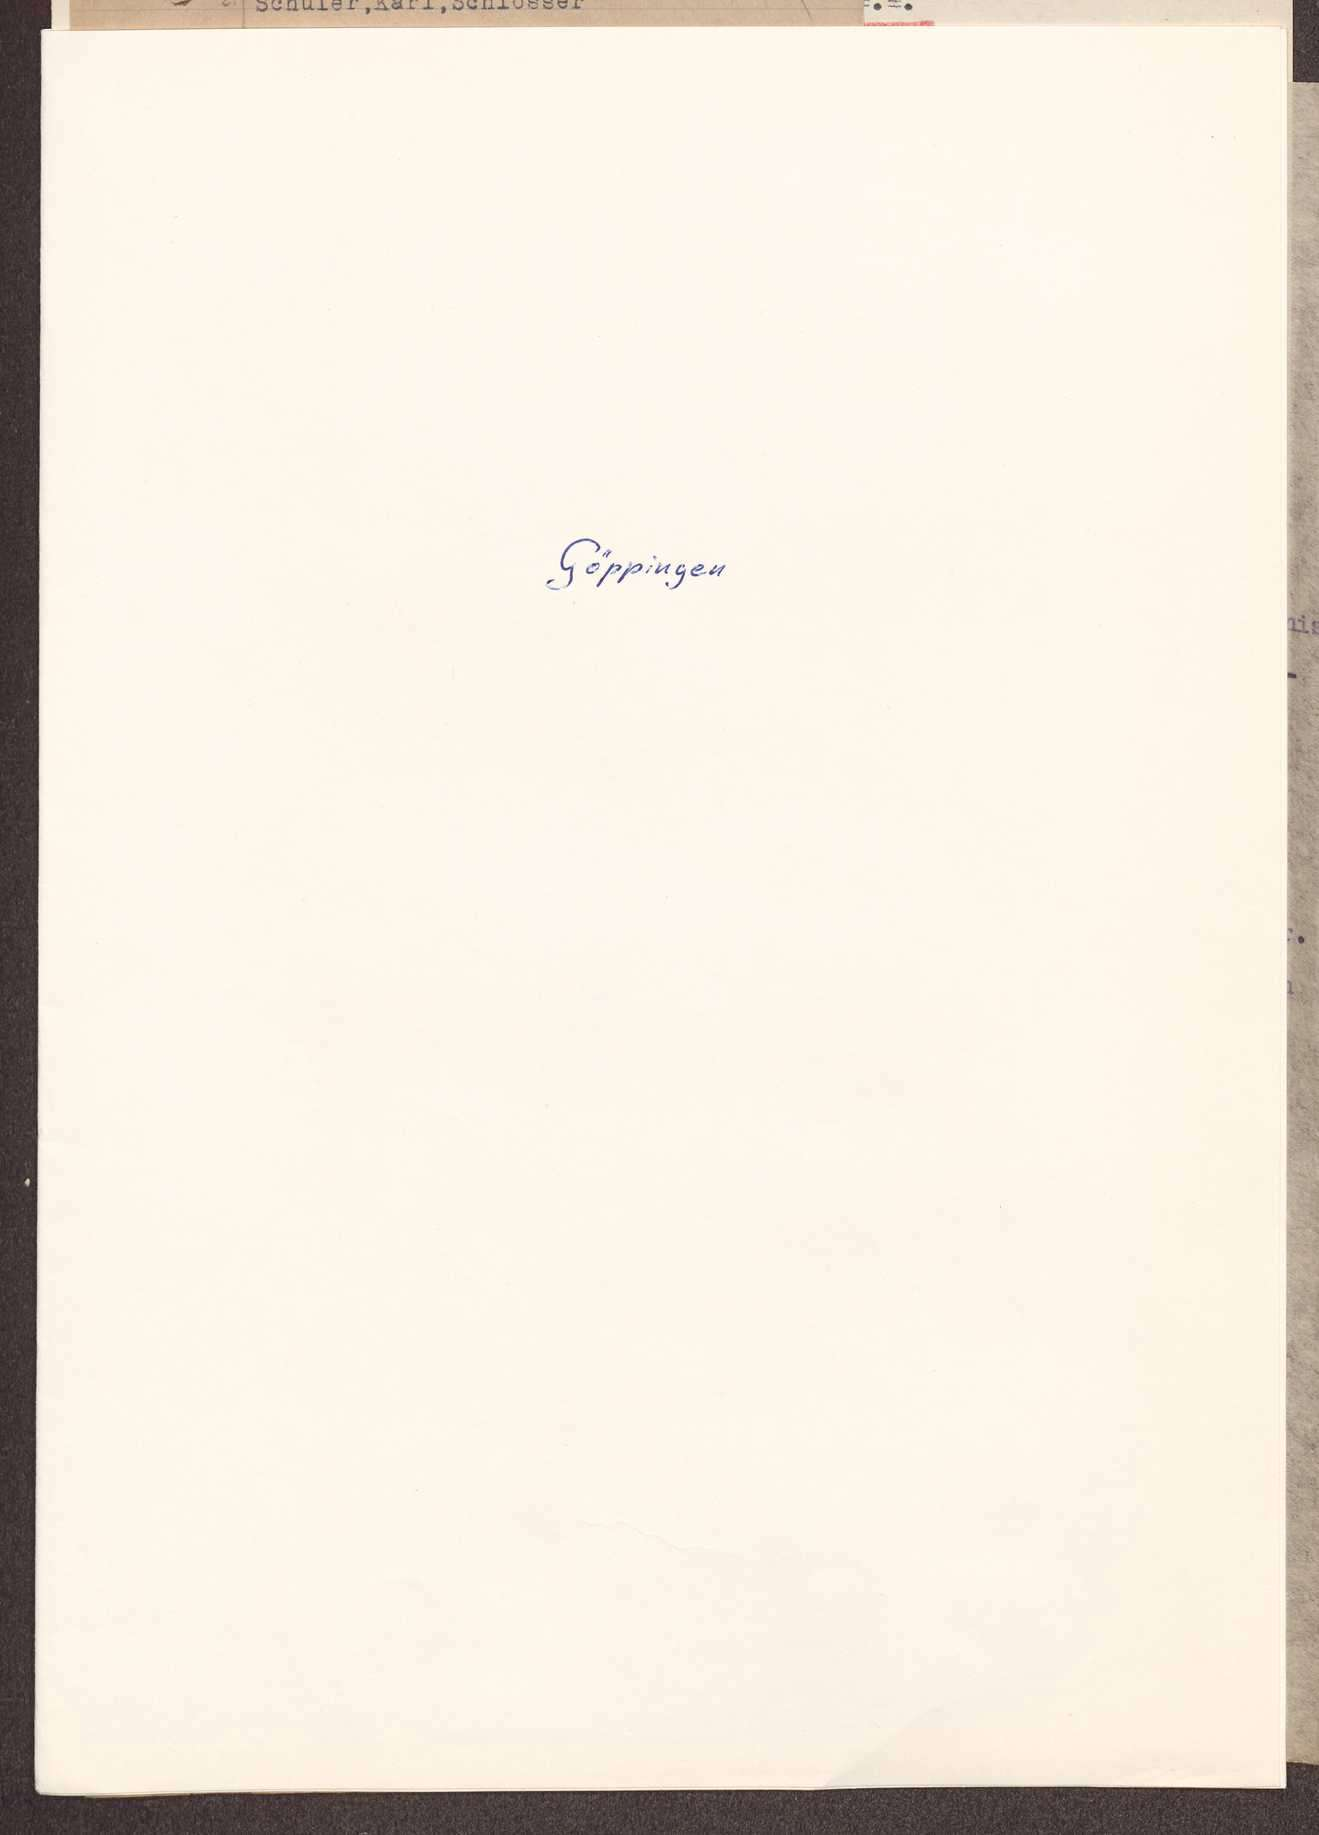 Wahl, Zusammensetzung und Auflösung der Arbeiter- und Bauernräte im Oberamt Göppingen, Bild 1